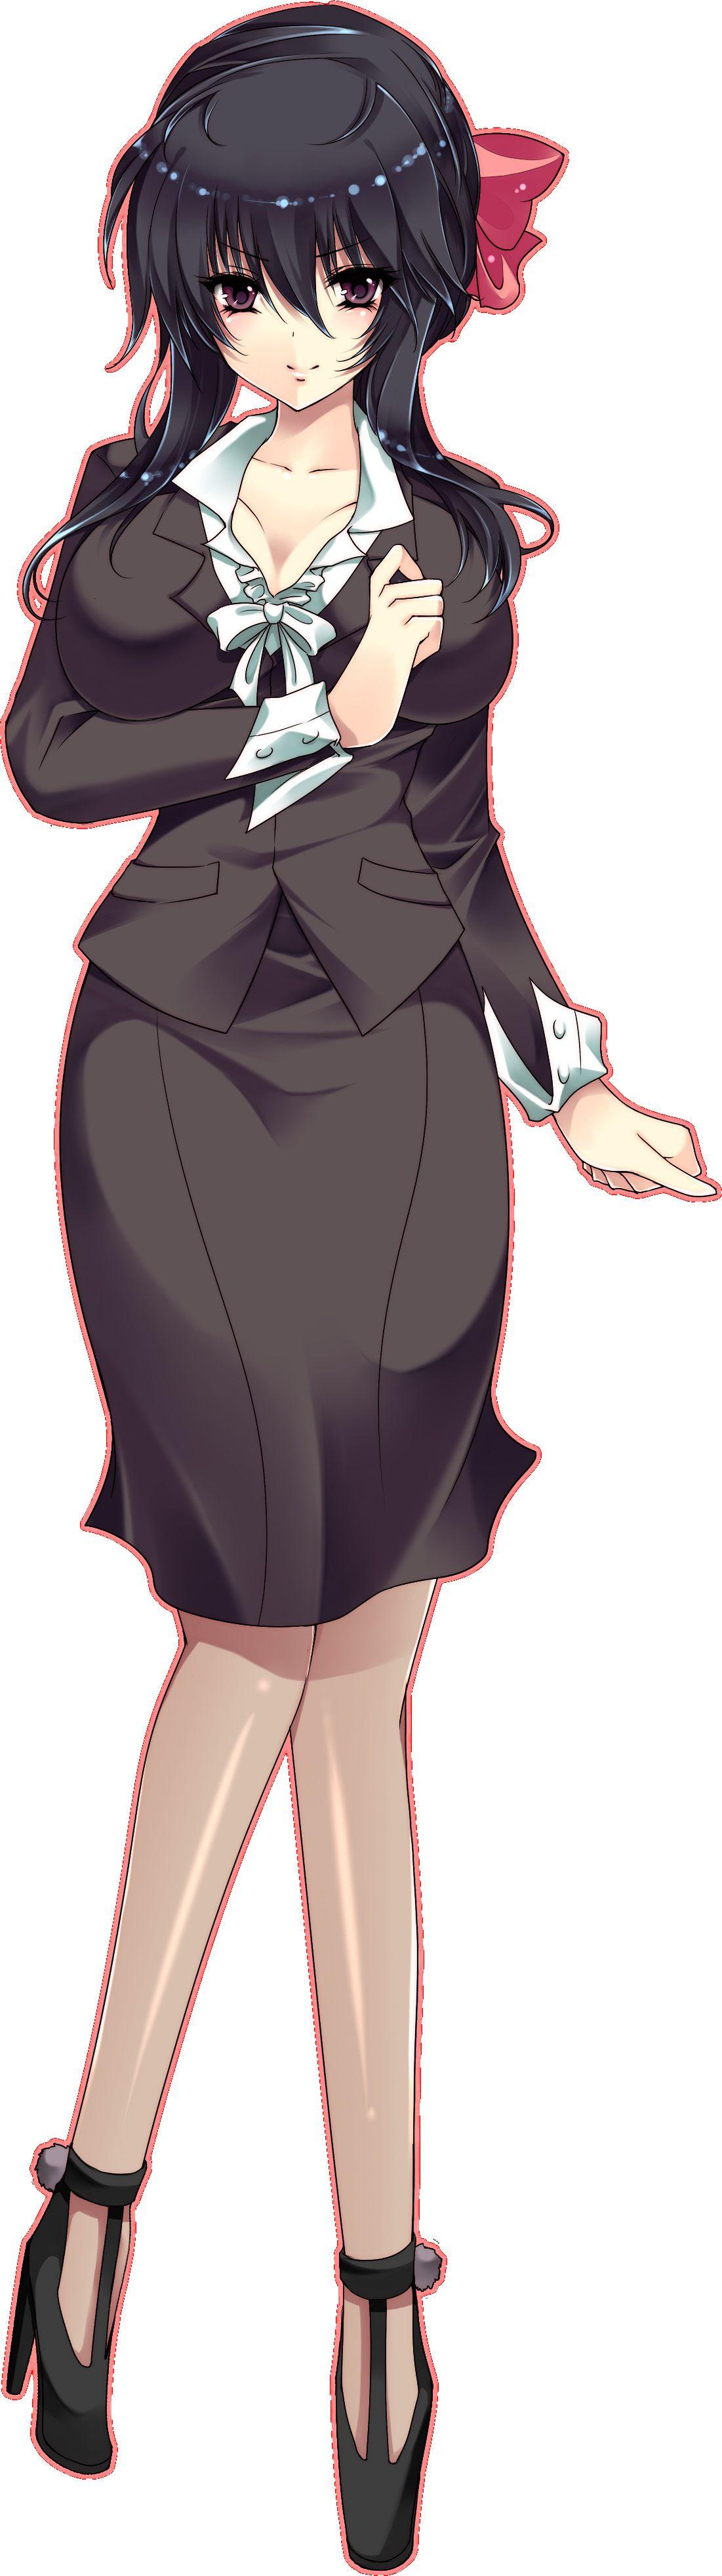 スカートスーツ 女一人 -コミック -アニメーション253